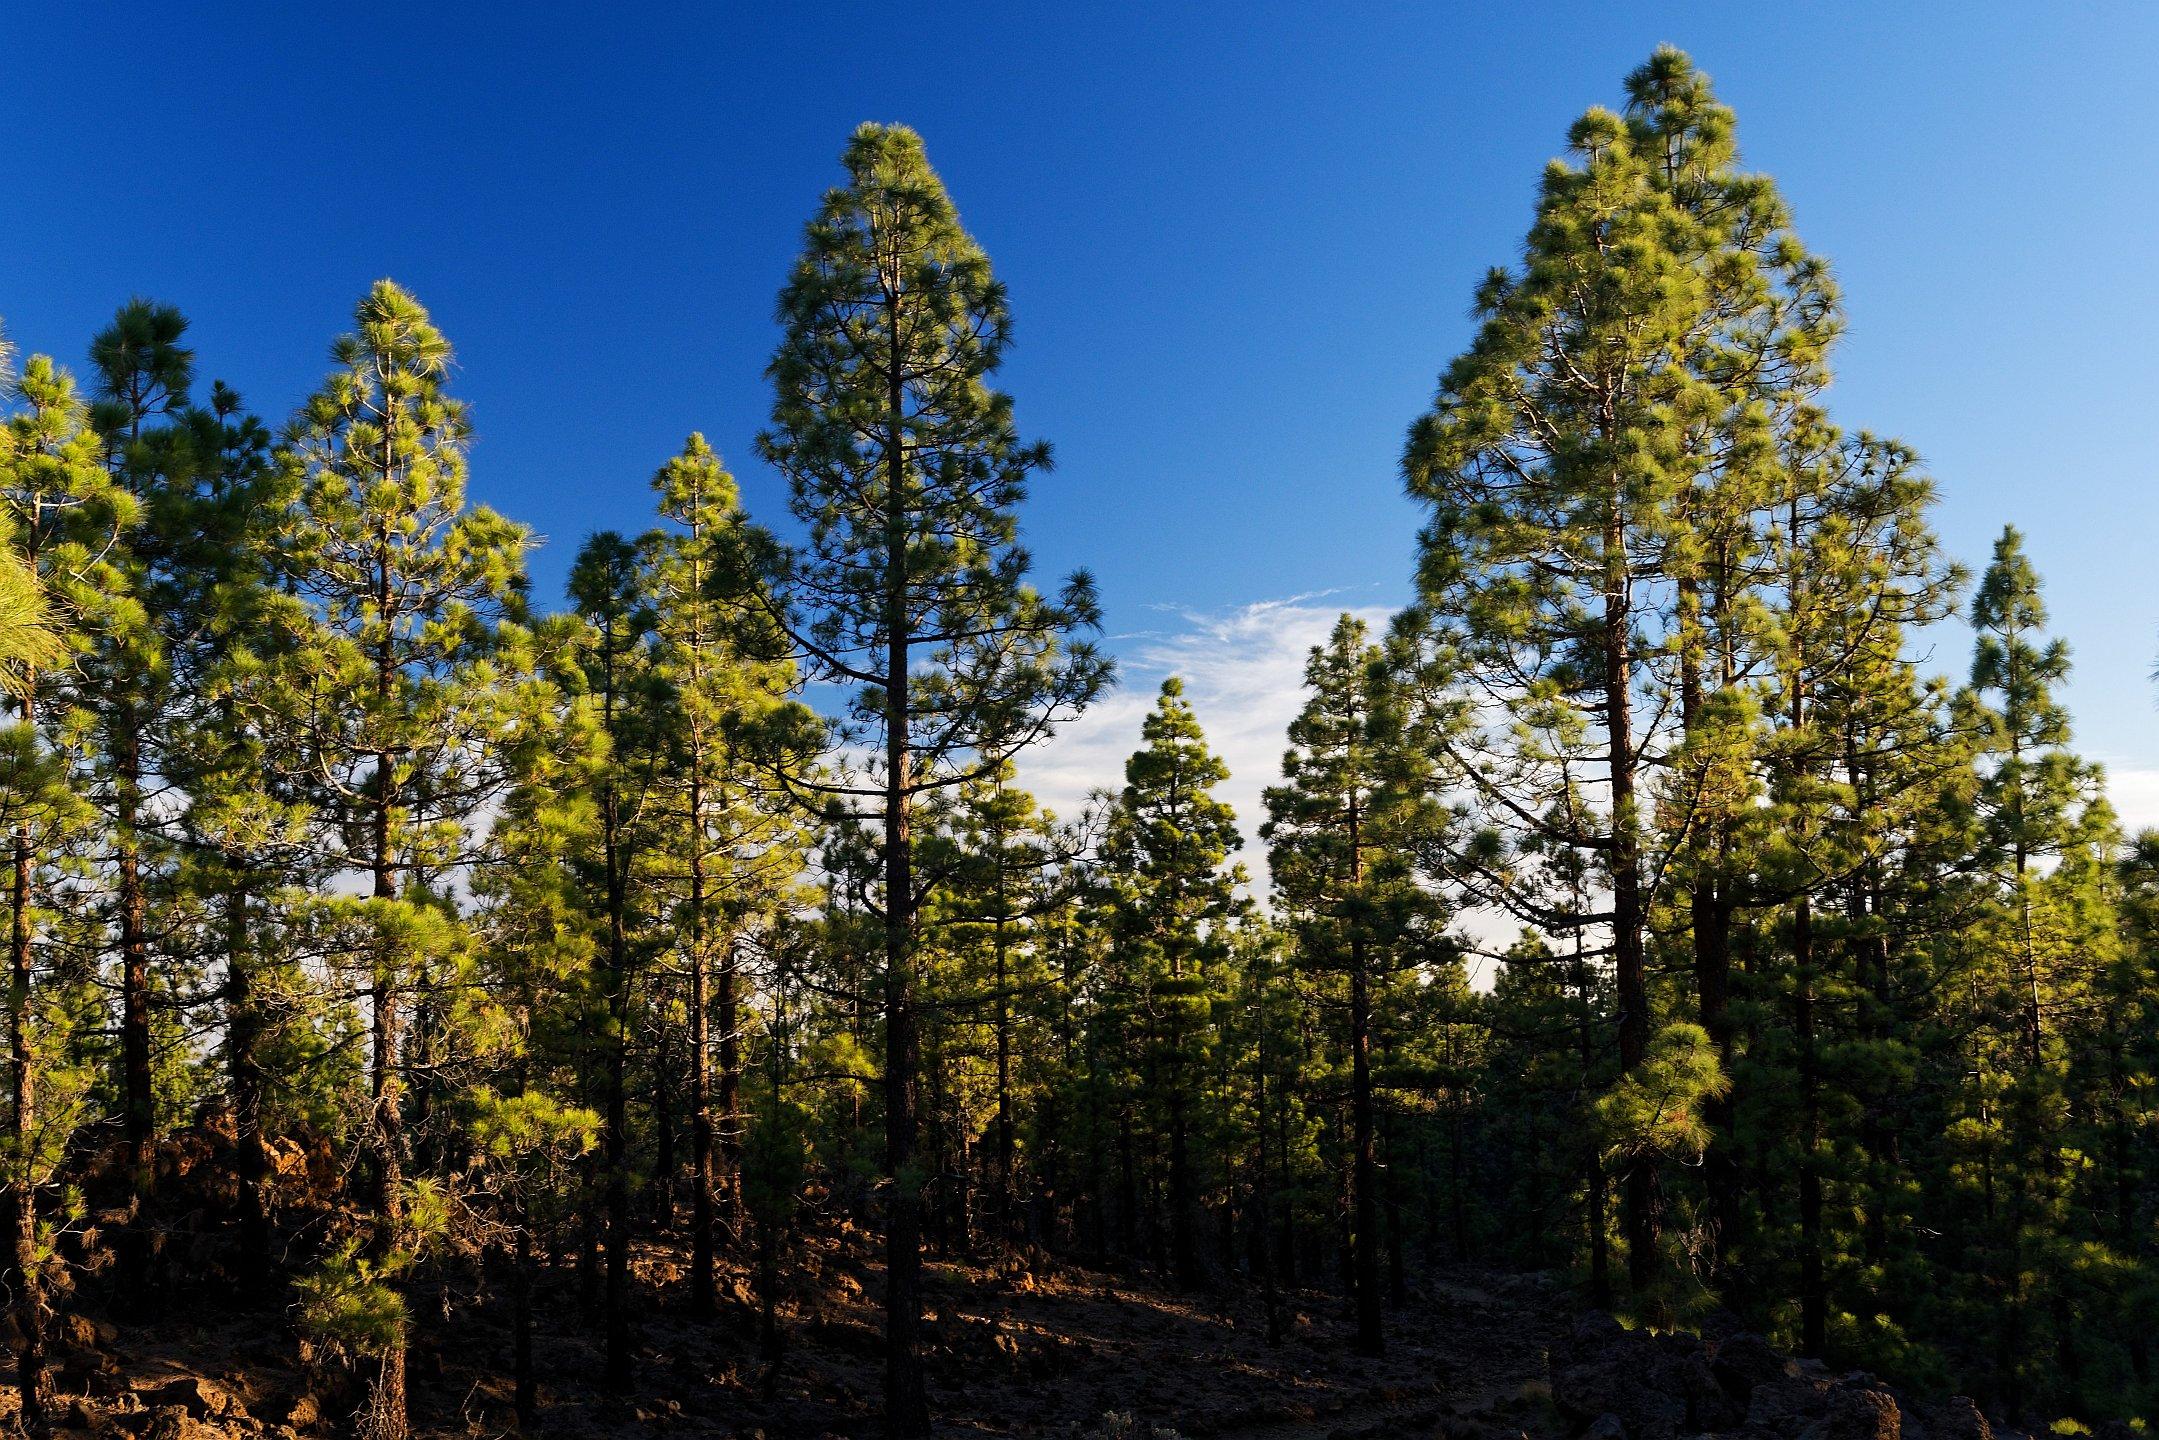 abendlicht im kiefernwald 2020-08-21